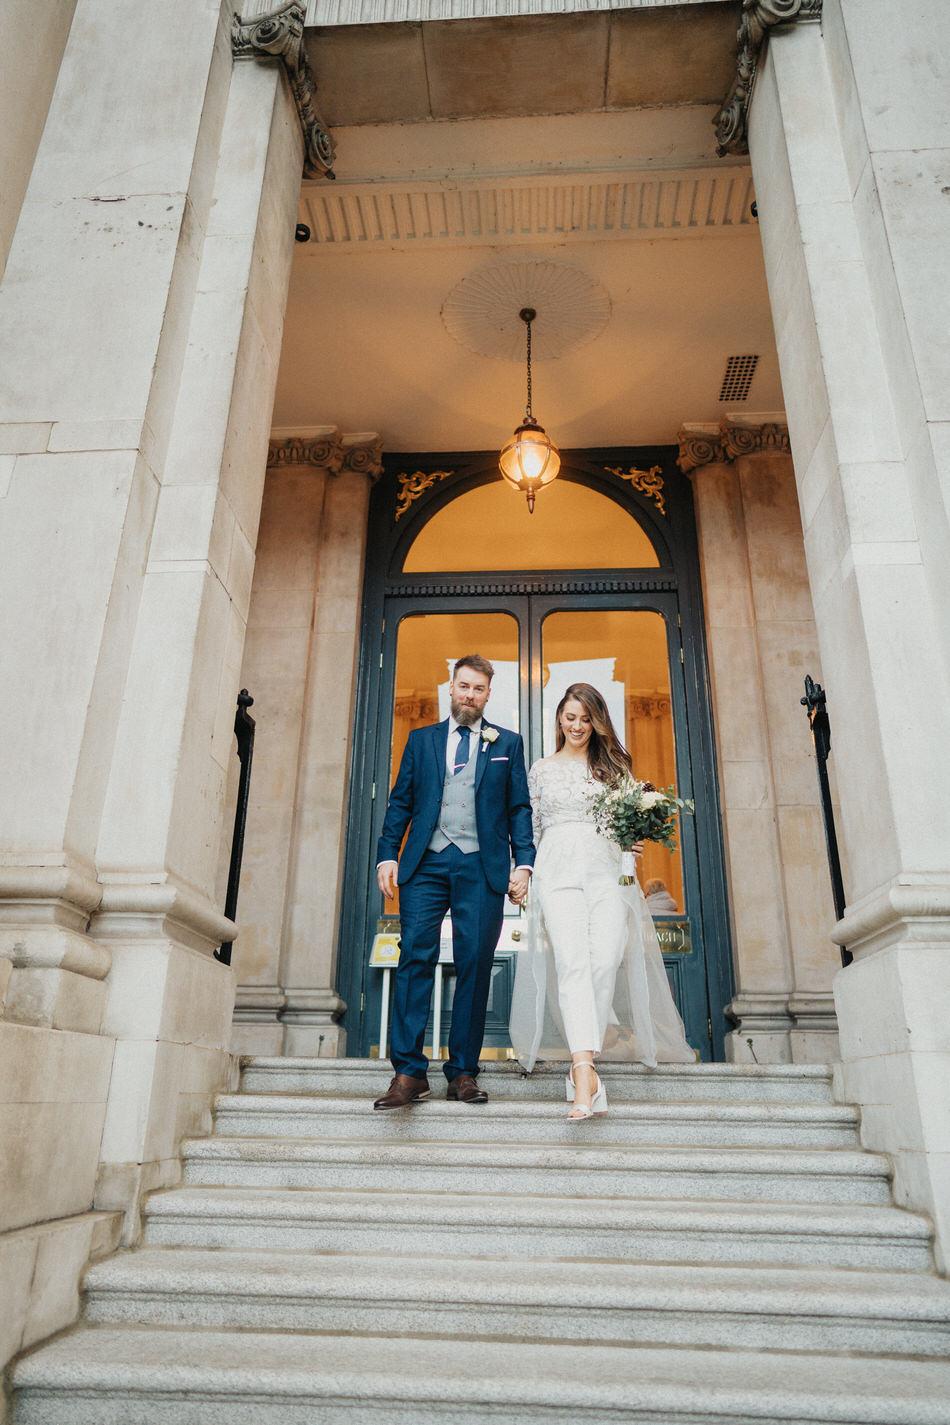 City-hall-dublin-wedding-photos-60 59